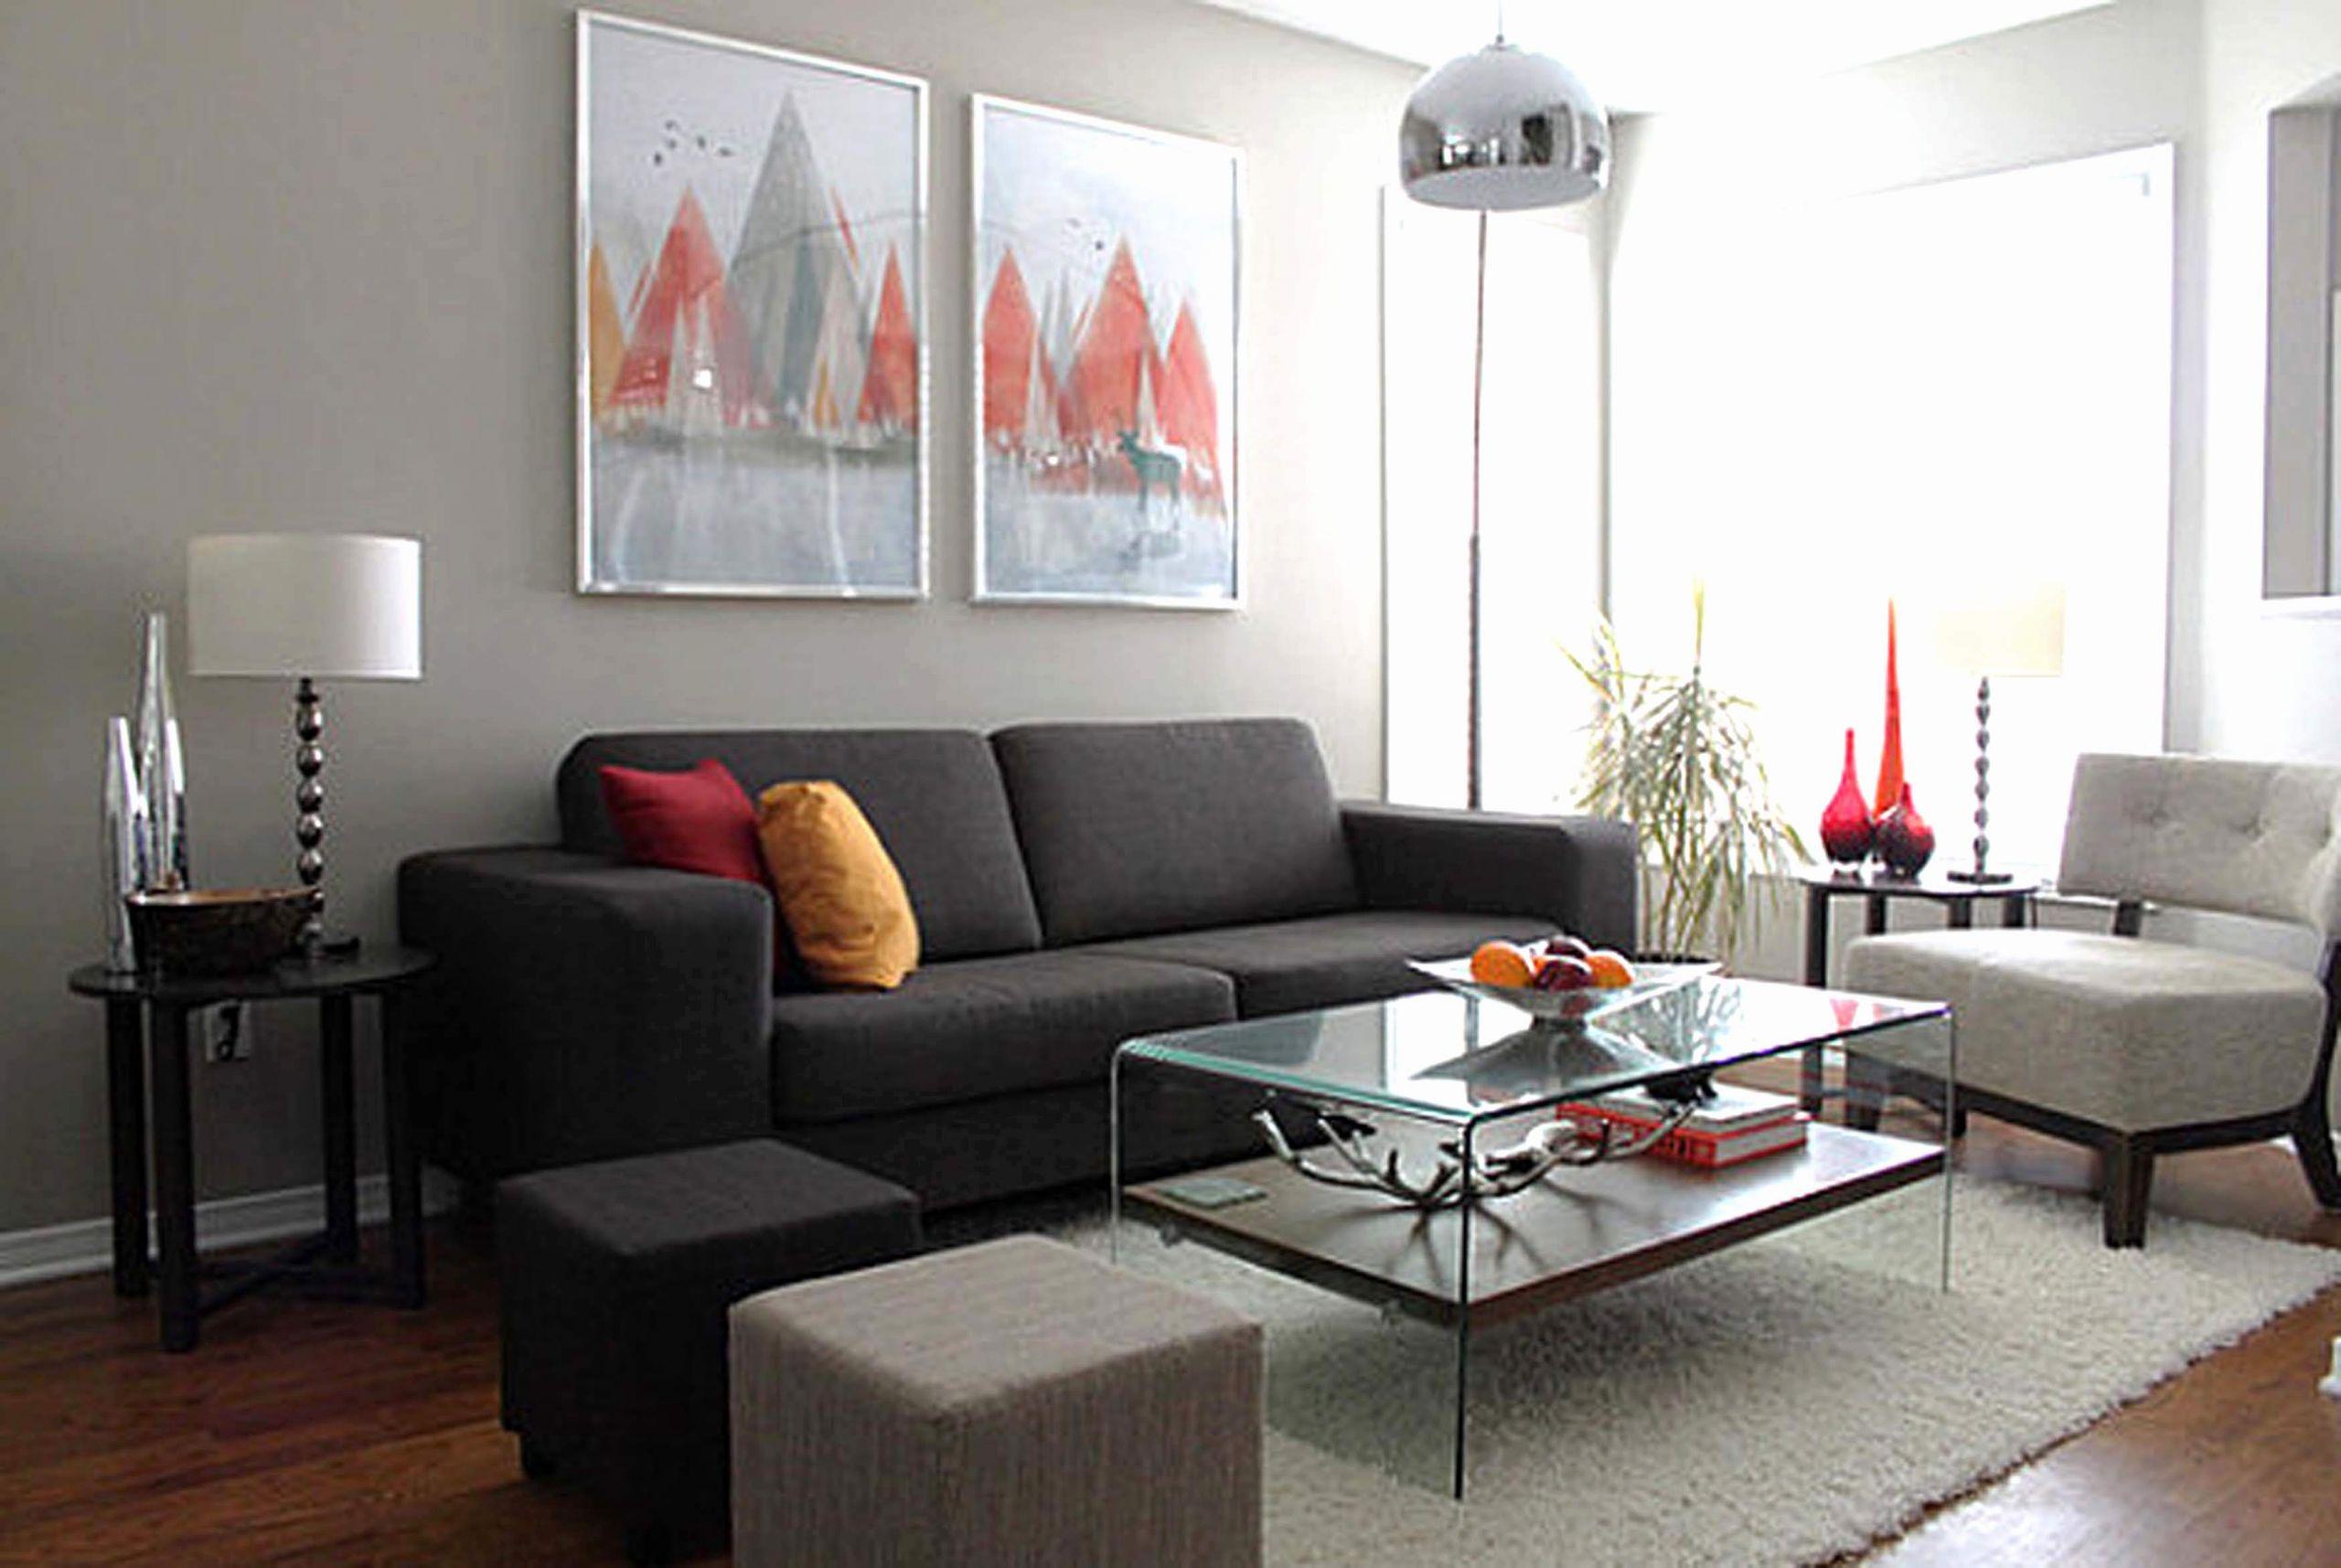 schone bilder fur wohnzimmer das beste von neu bilder furs wohnzimmer of schone bilder fur wohnzimmer scaled